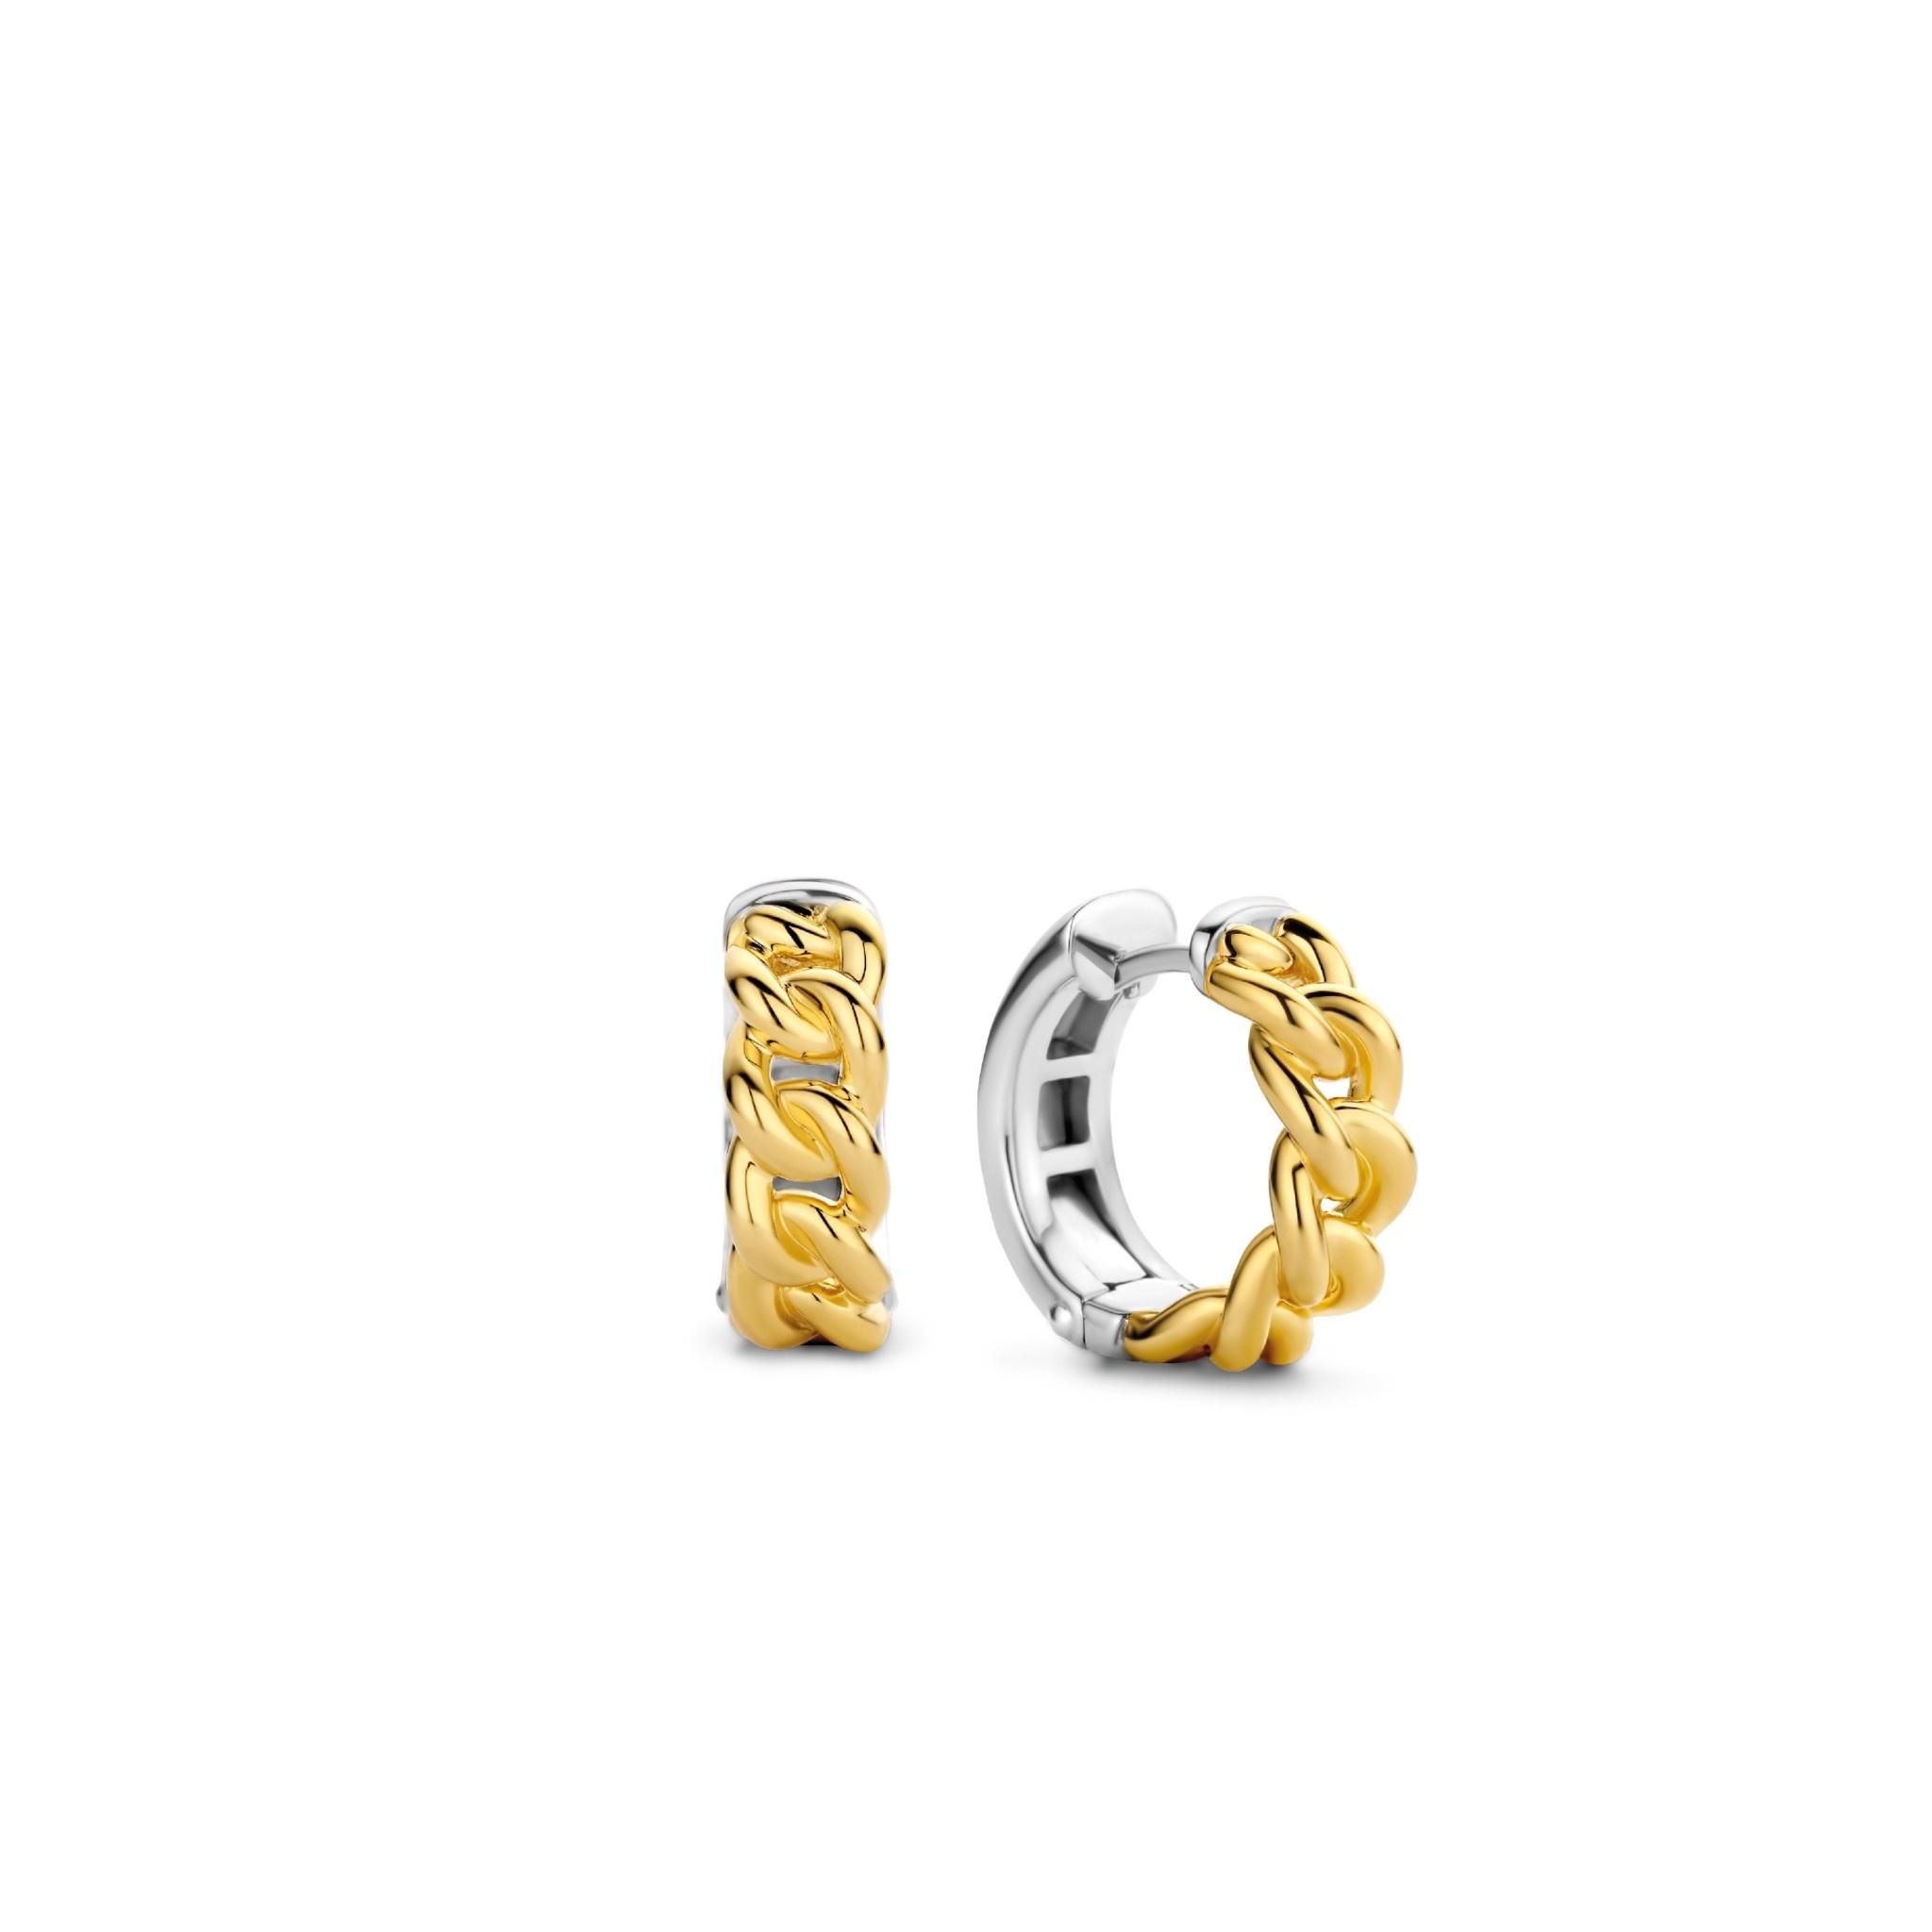 TI SENTO - Milano Earrings 7832SY-1